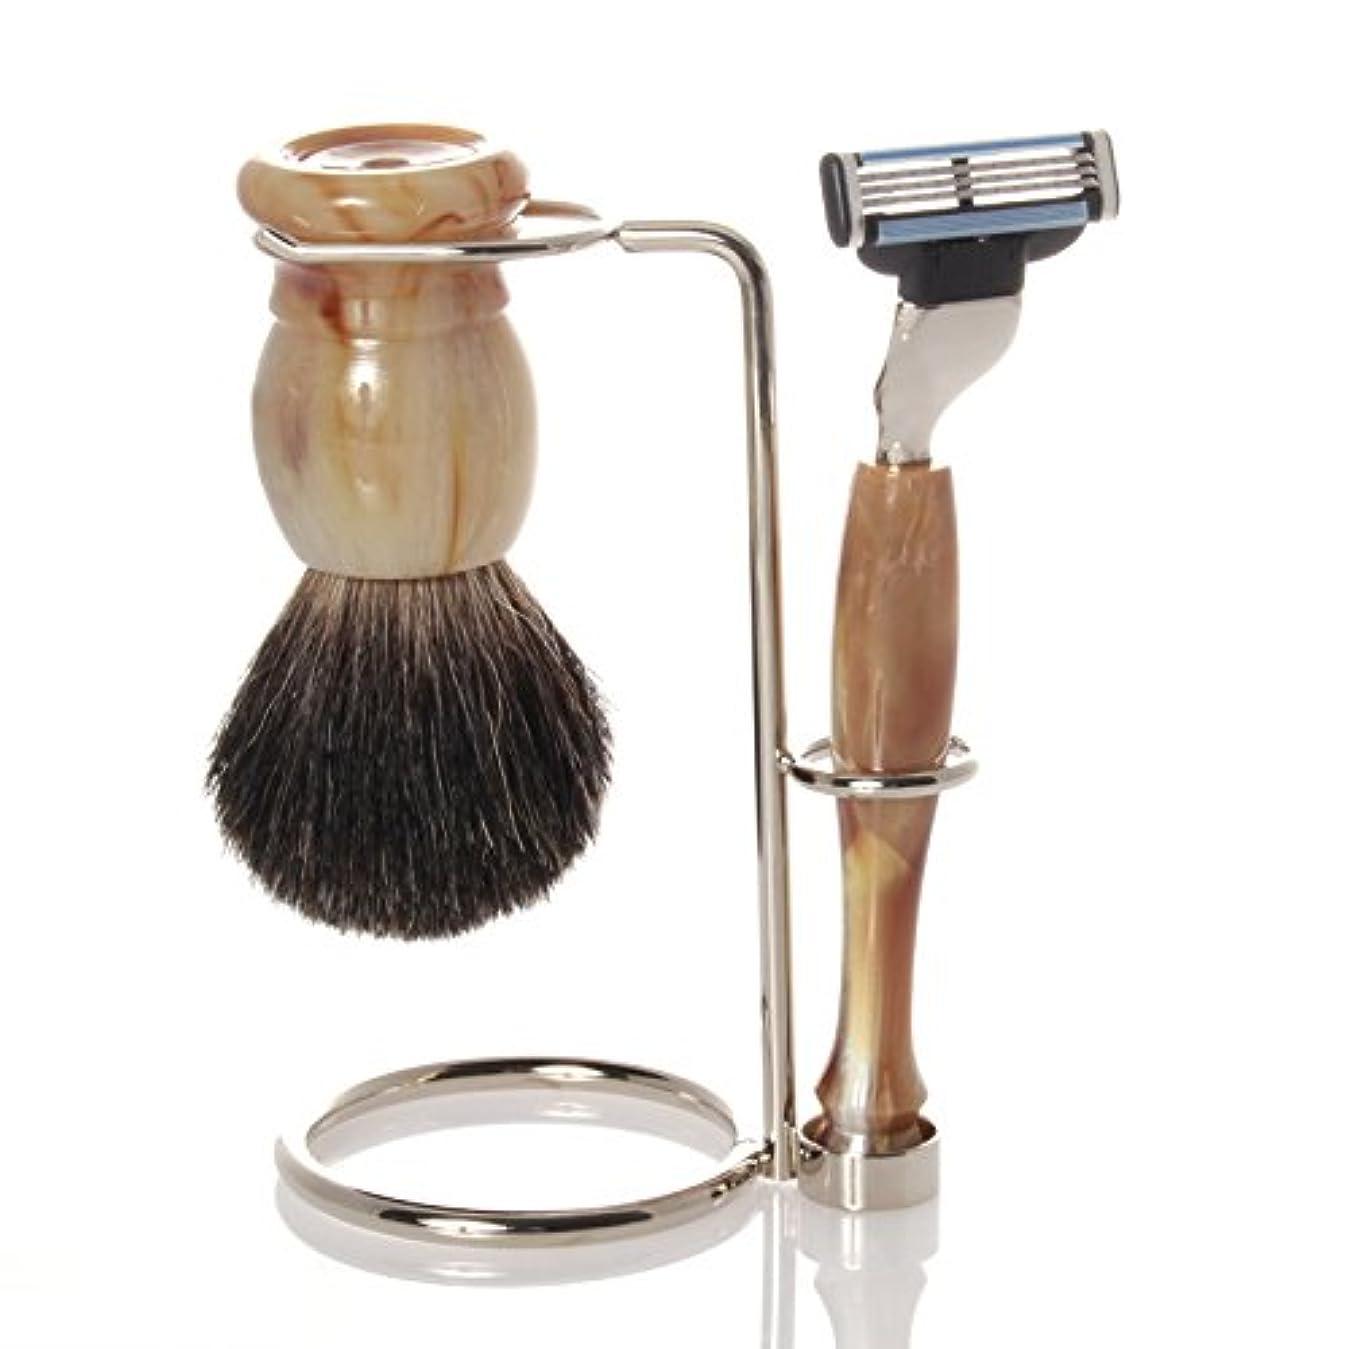 マウントバンク気を散らす解く髭剃りセット、ホルダー、グレー?オジャー?ブラシ、カミソリ- Hans Baier Exclusive